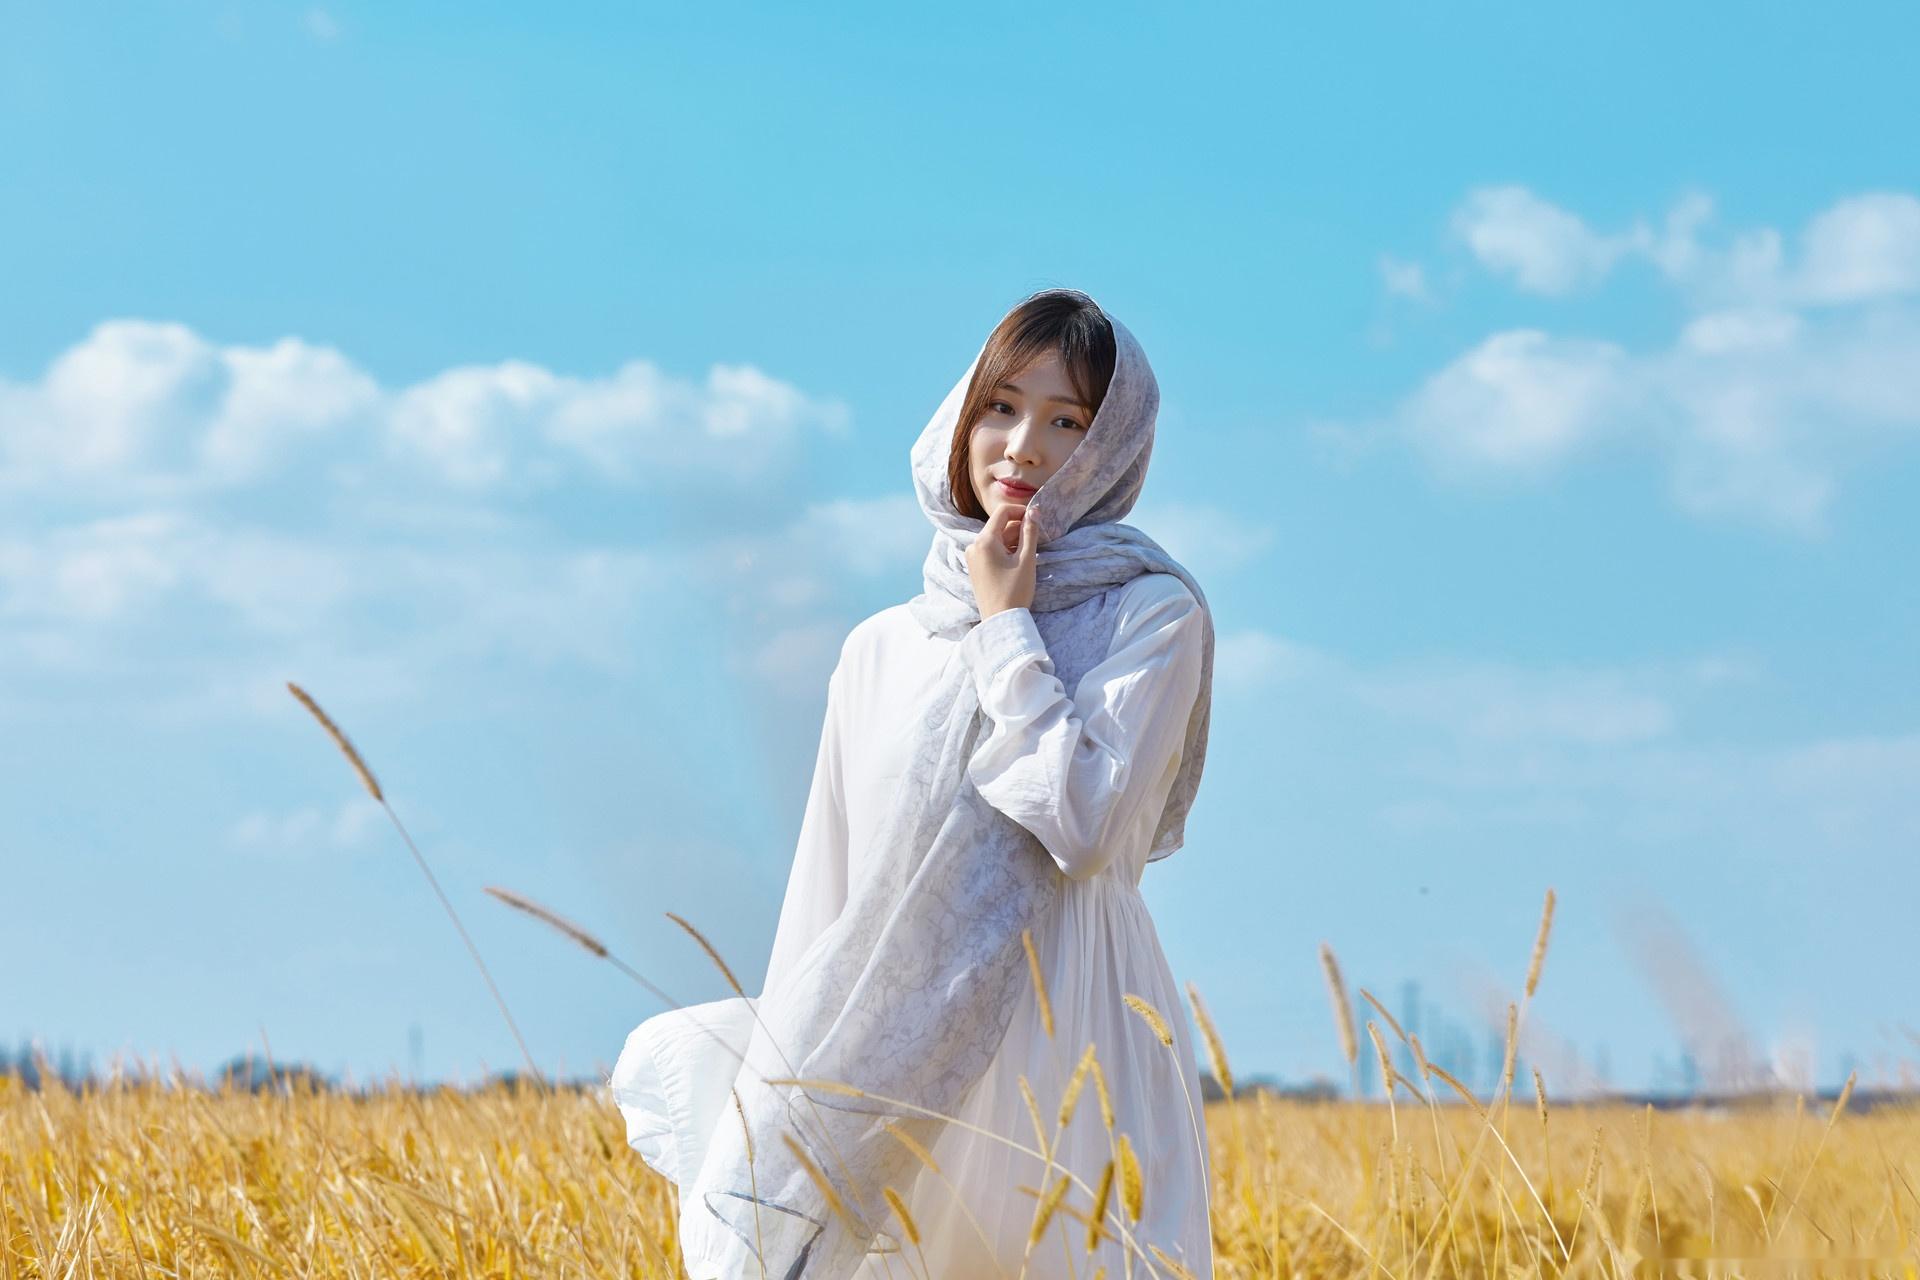 塔羅丨星座周運12/14 – 12/20,白羊貴人不斷,巨蟹得到支持